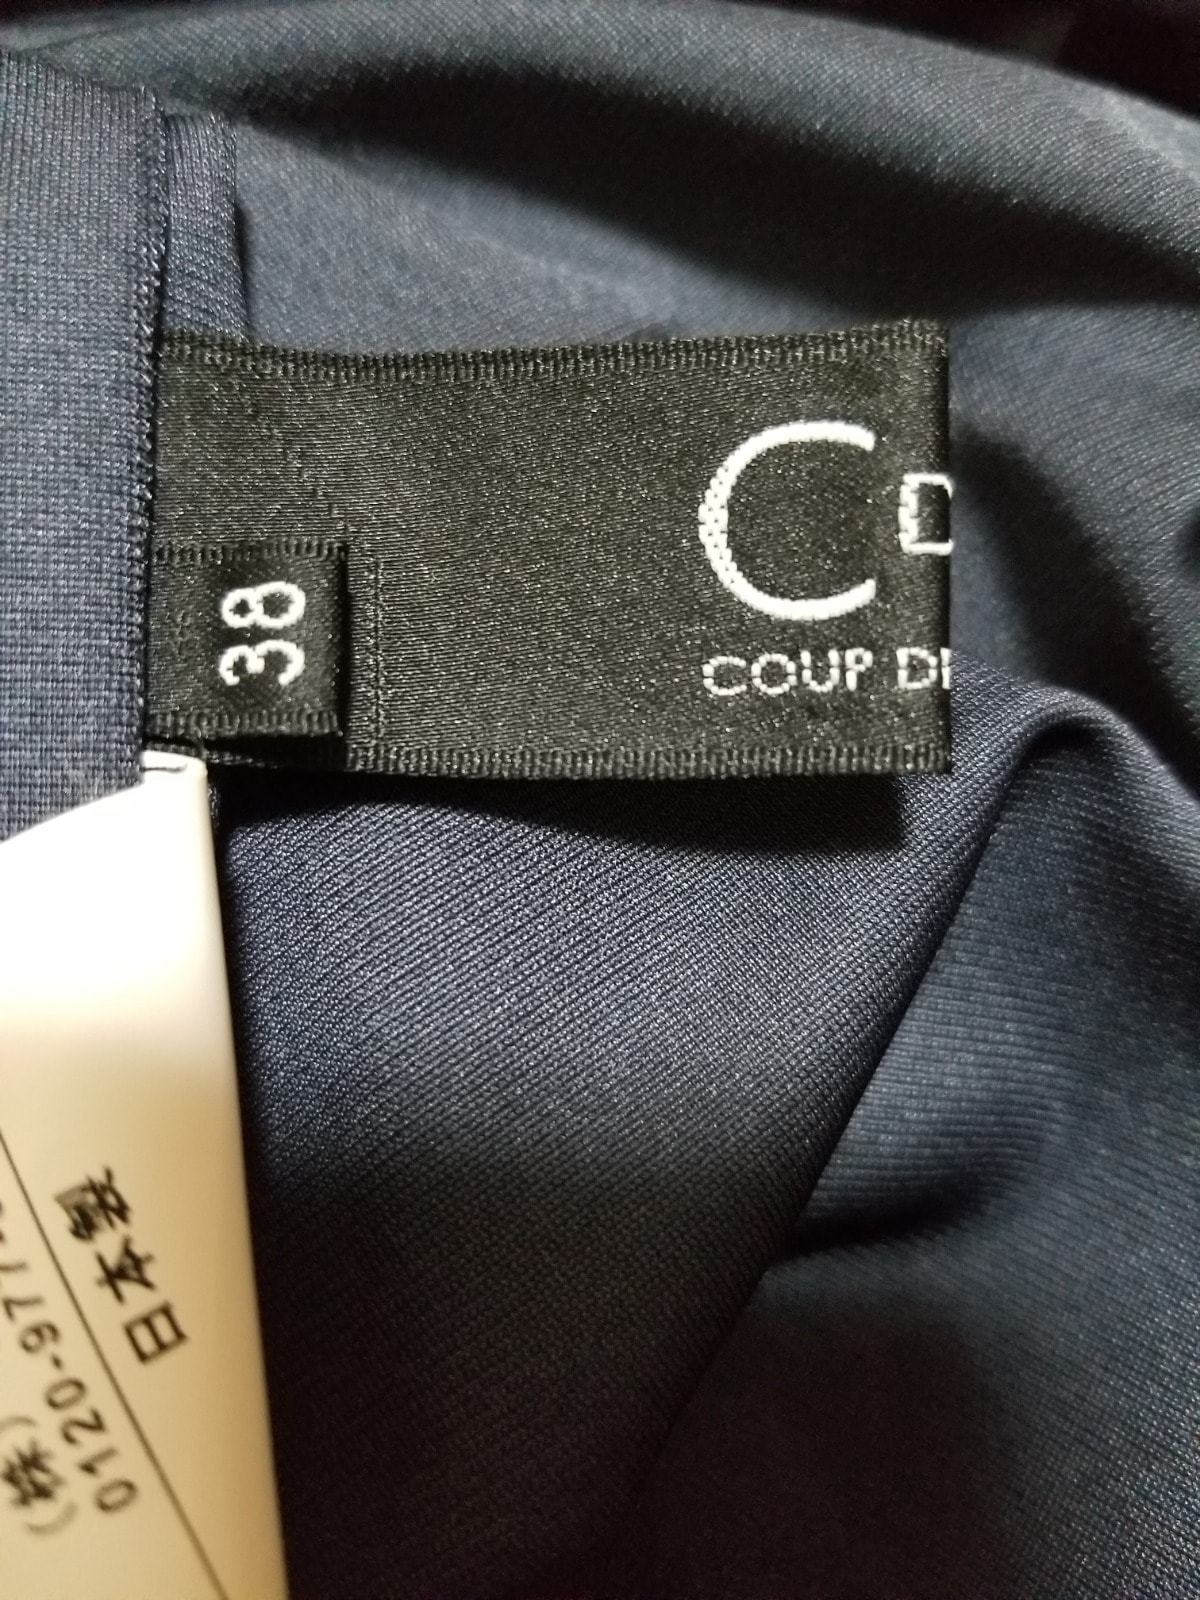 CdeC COUP DE CHANCE(クードシャンス)のワンピース